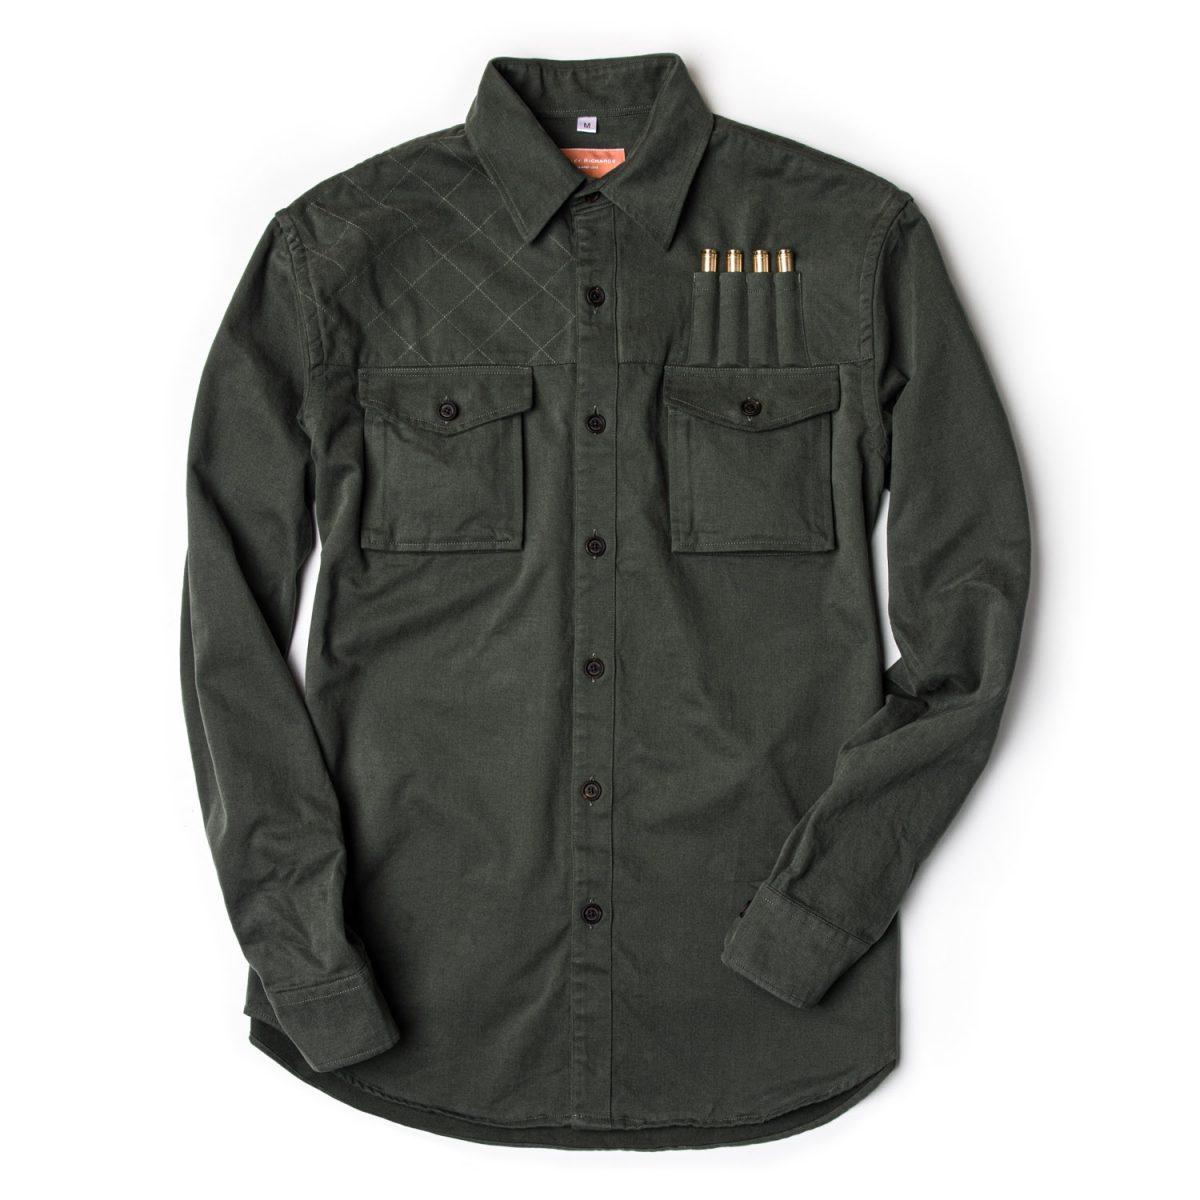 wr_co_safri_tech_shirt-37251-edit-2